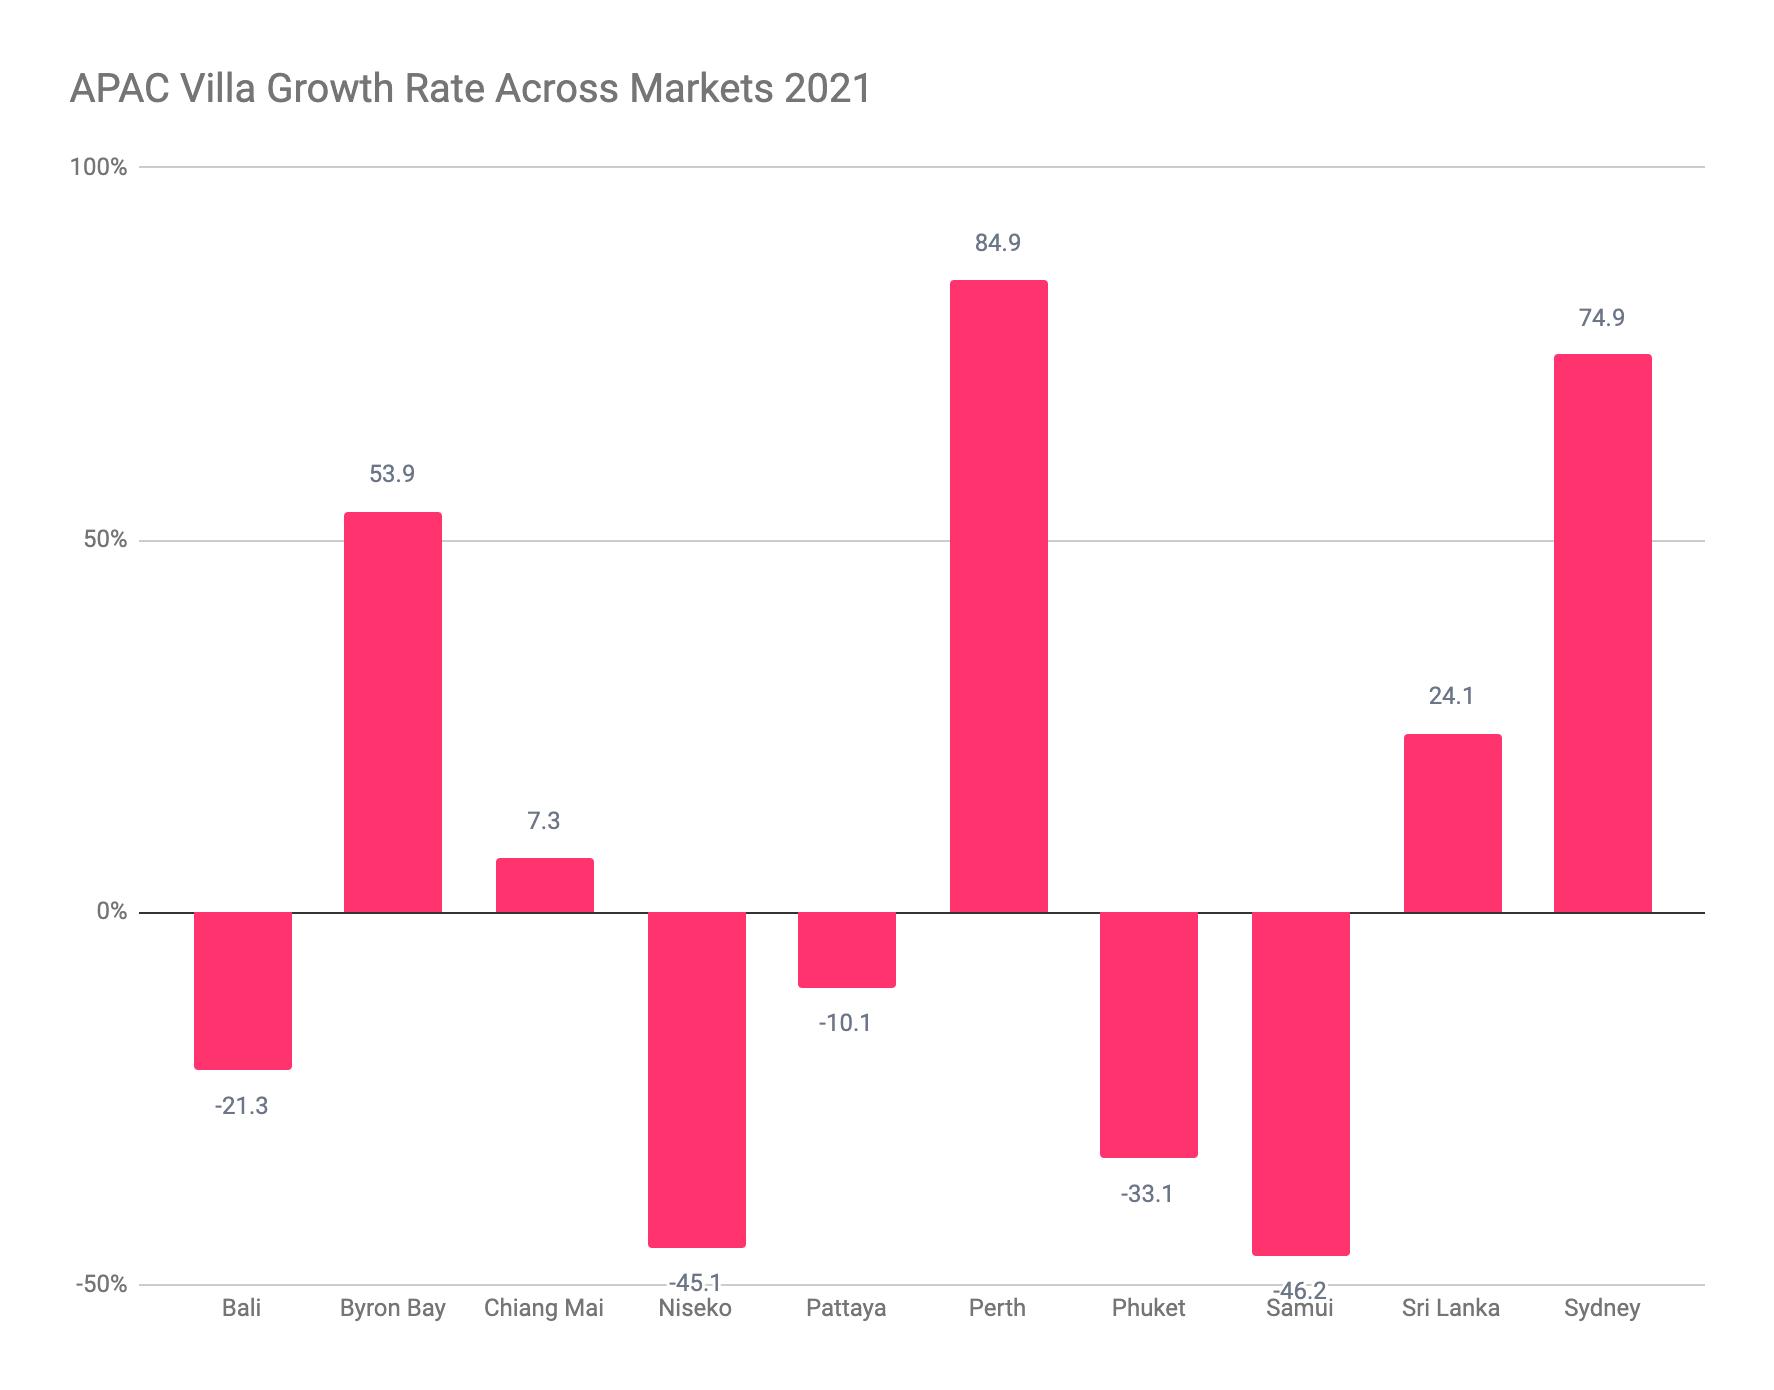 APAC Villa Growth Rate 2021